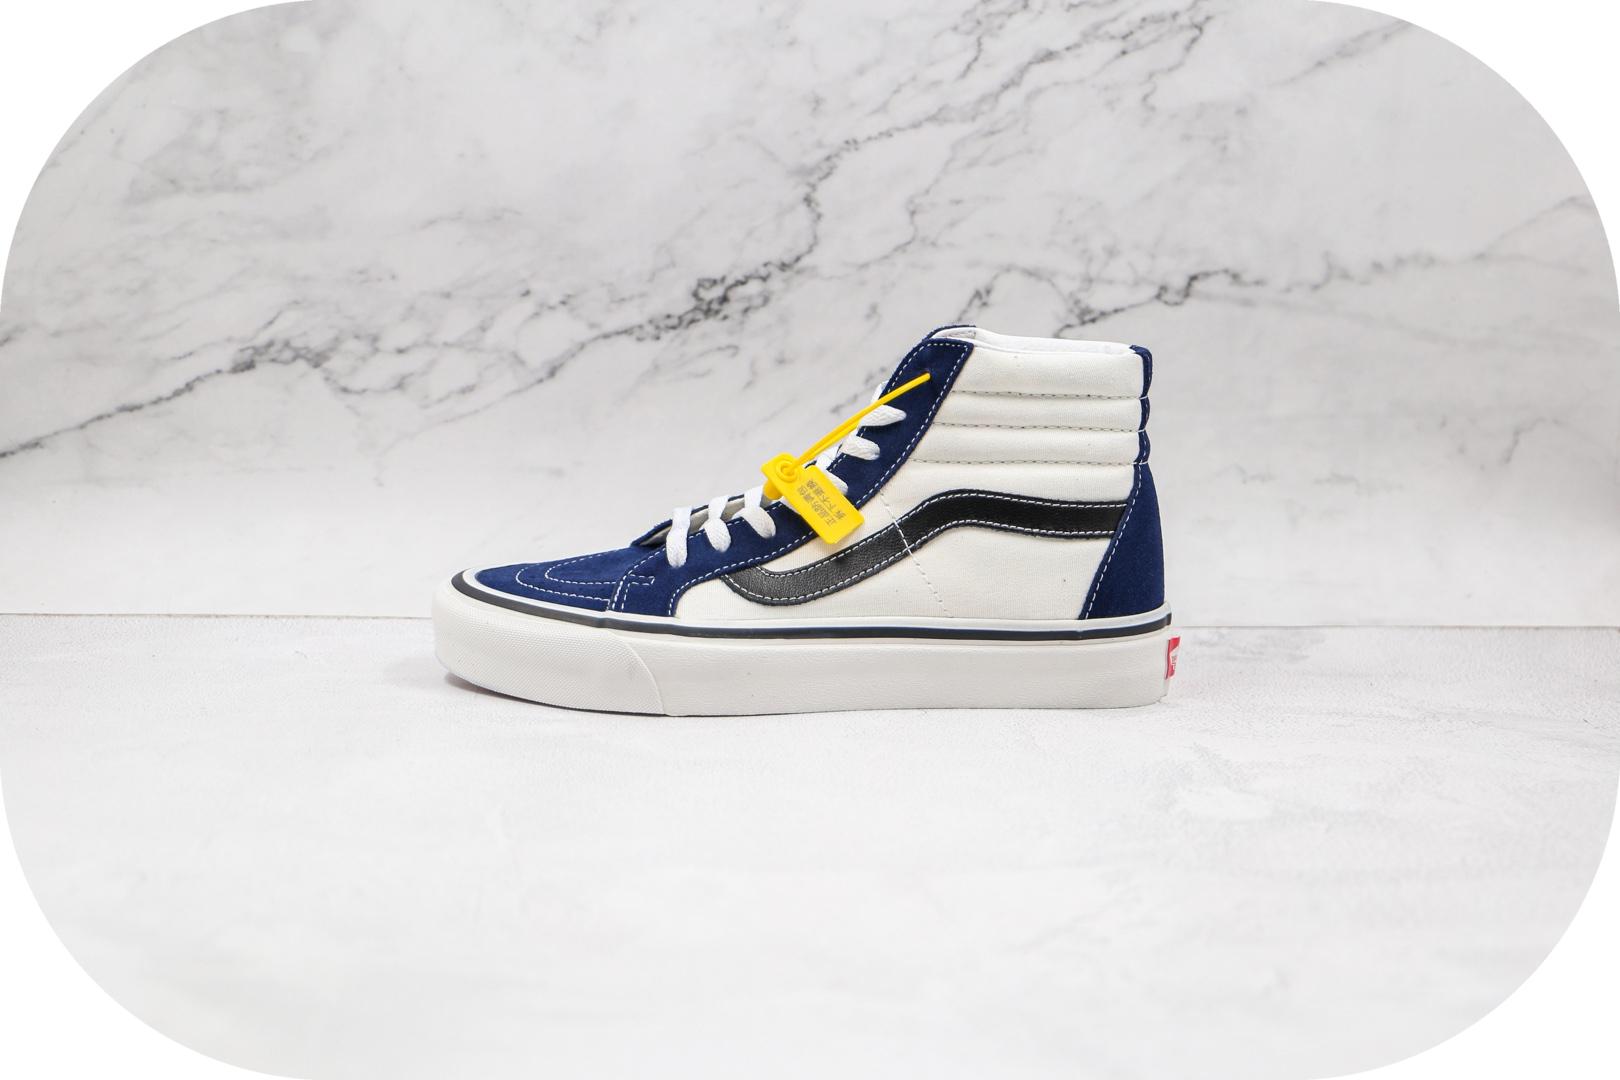 万斯Vans SK8-Hi公司级版本安纳海姆系列拼色高帮硫化板鞋蓝白色工艺硫化一比一 货号:VNOA38GF4UJ